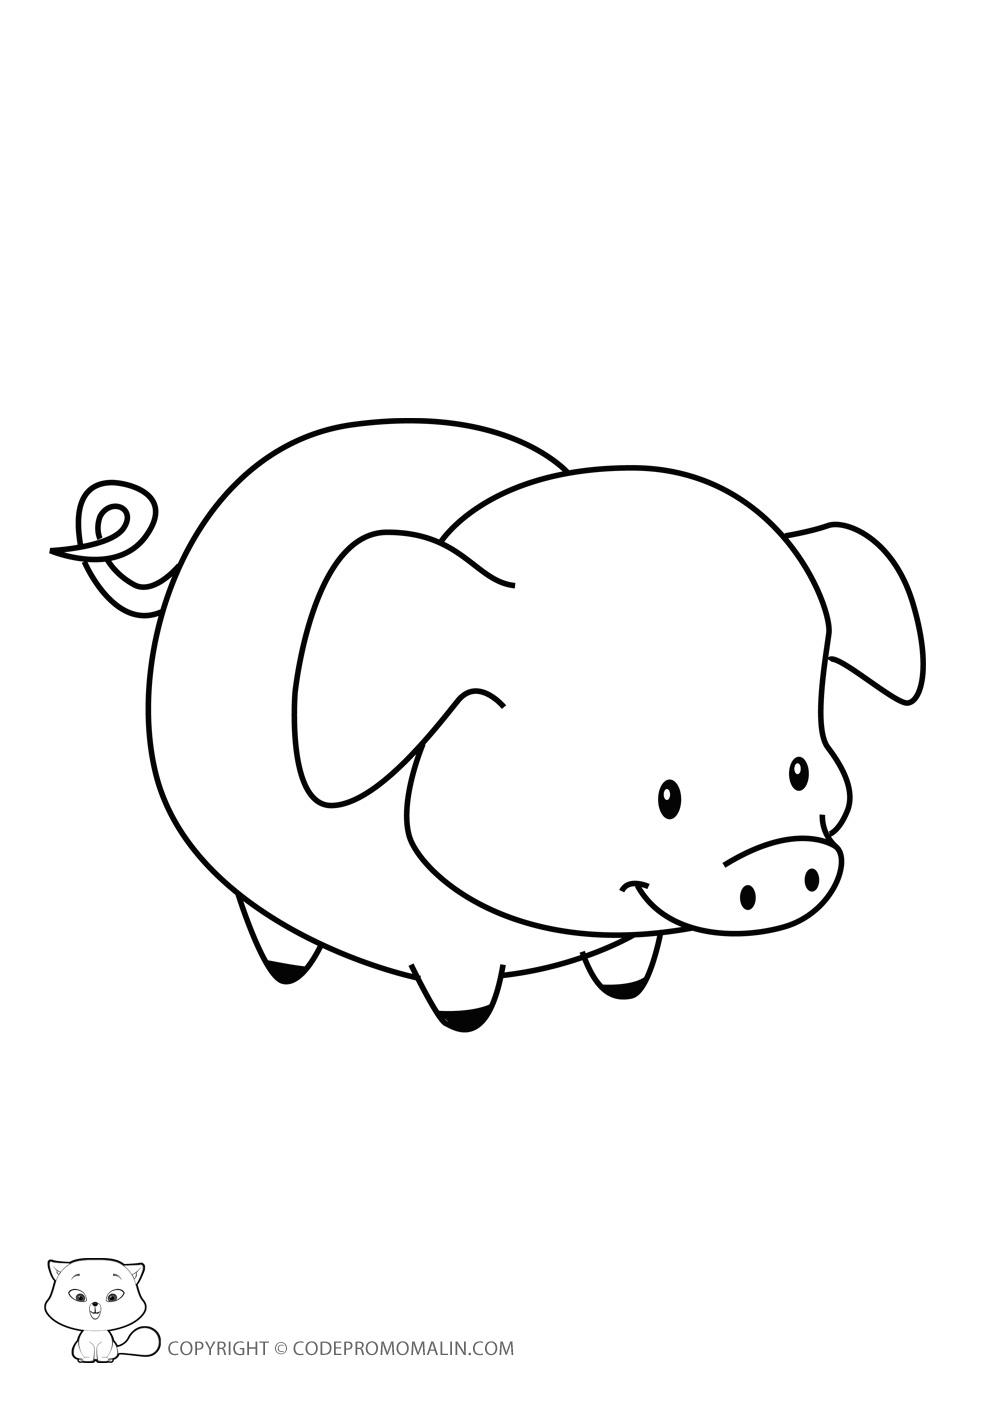 Dessin Un Petit Cochon Pendu Au Plafond serapportantà Dessin A Colorier Cochon